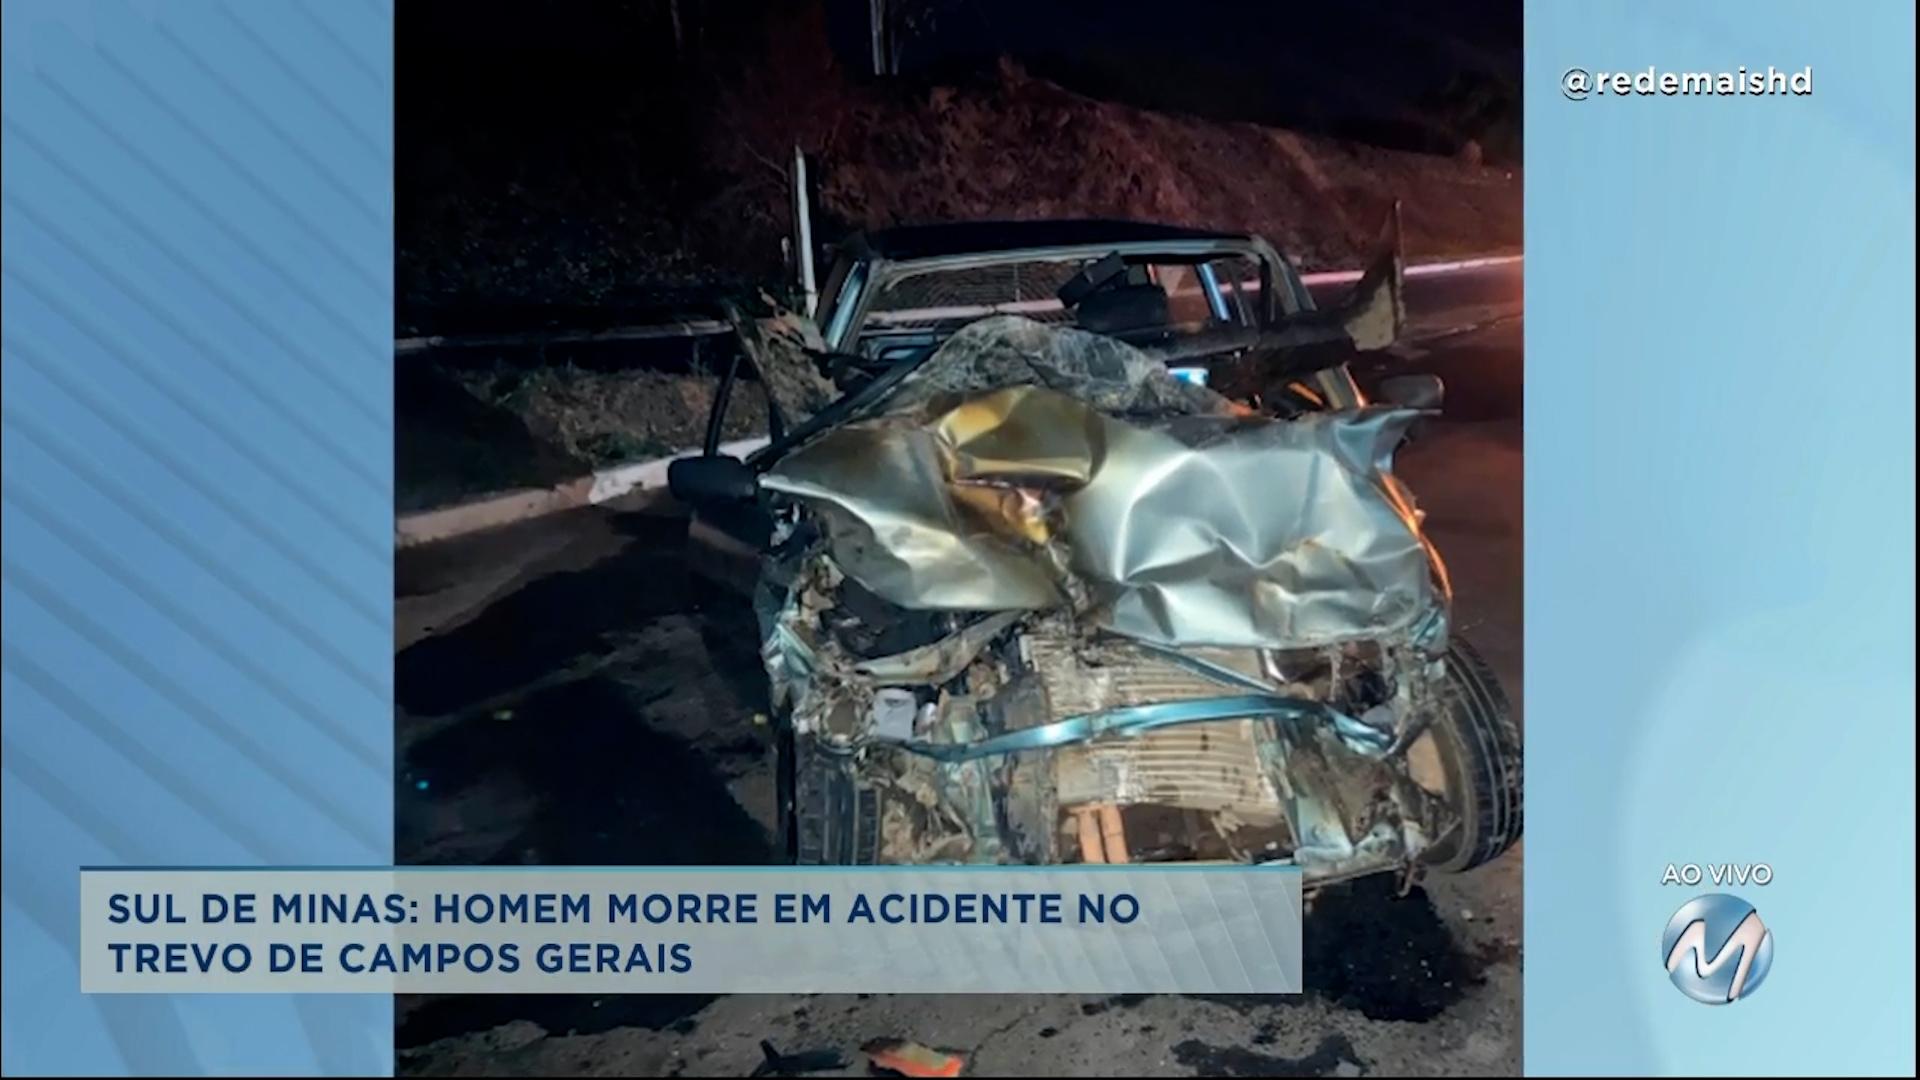 Homem morre em acidente em trevo no Sul de Minas